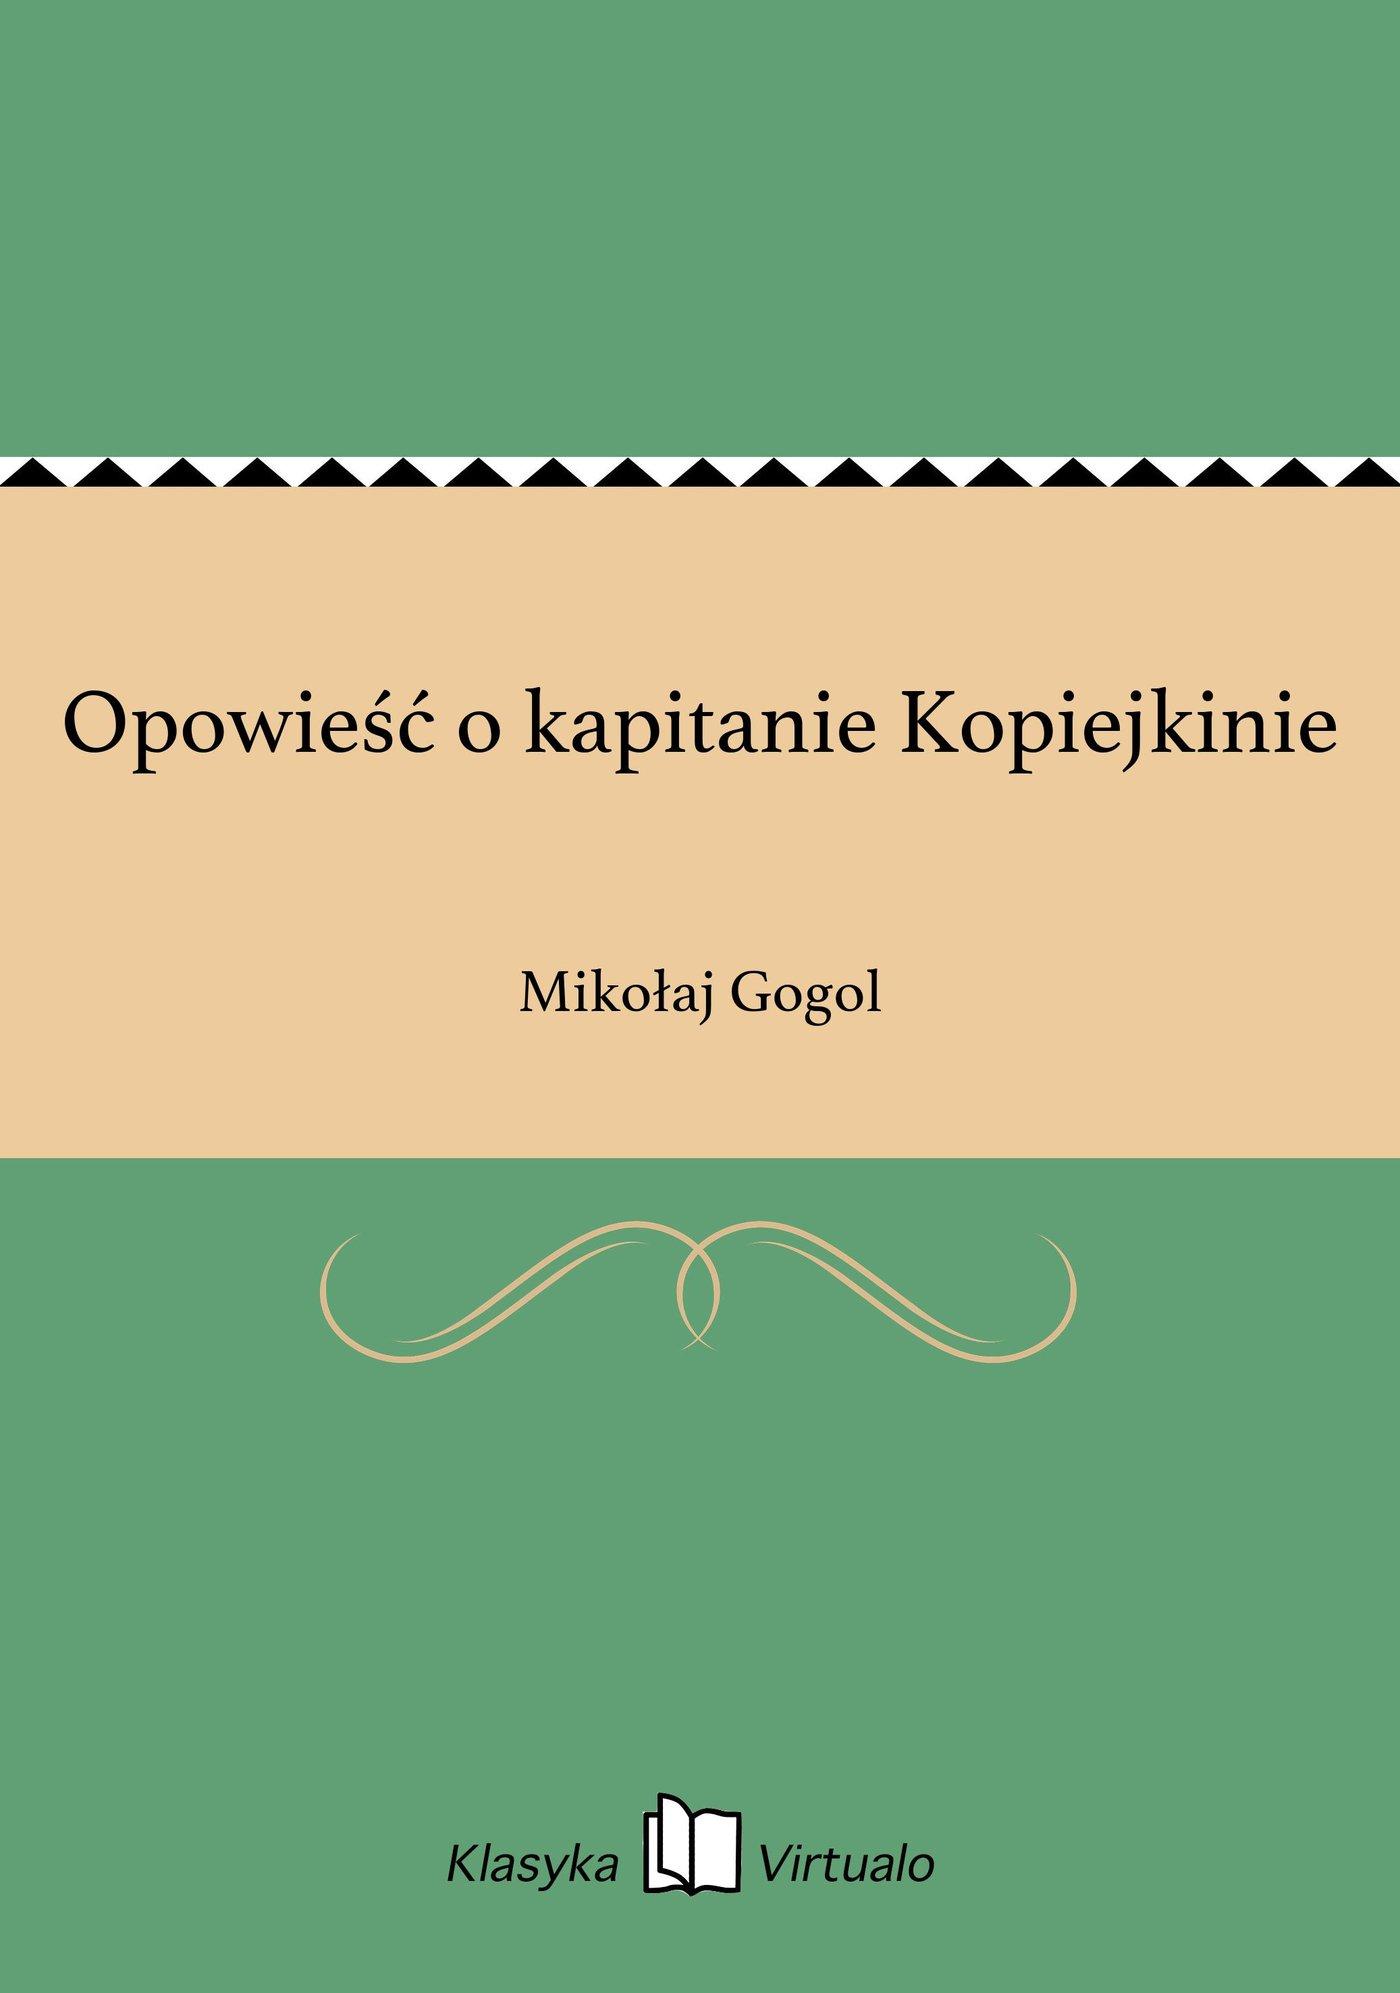 Opowieść o kapitanie Kopiejkinie - Ebook (Książka EPUB) do pobrania w formacie EPUB